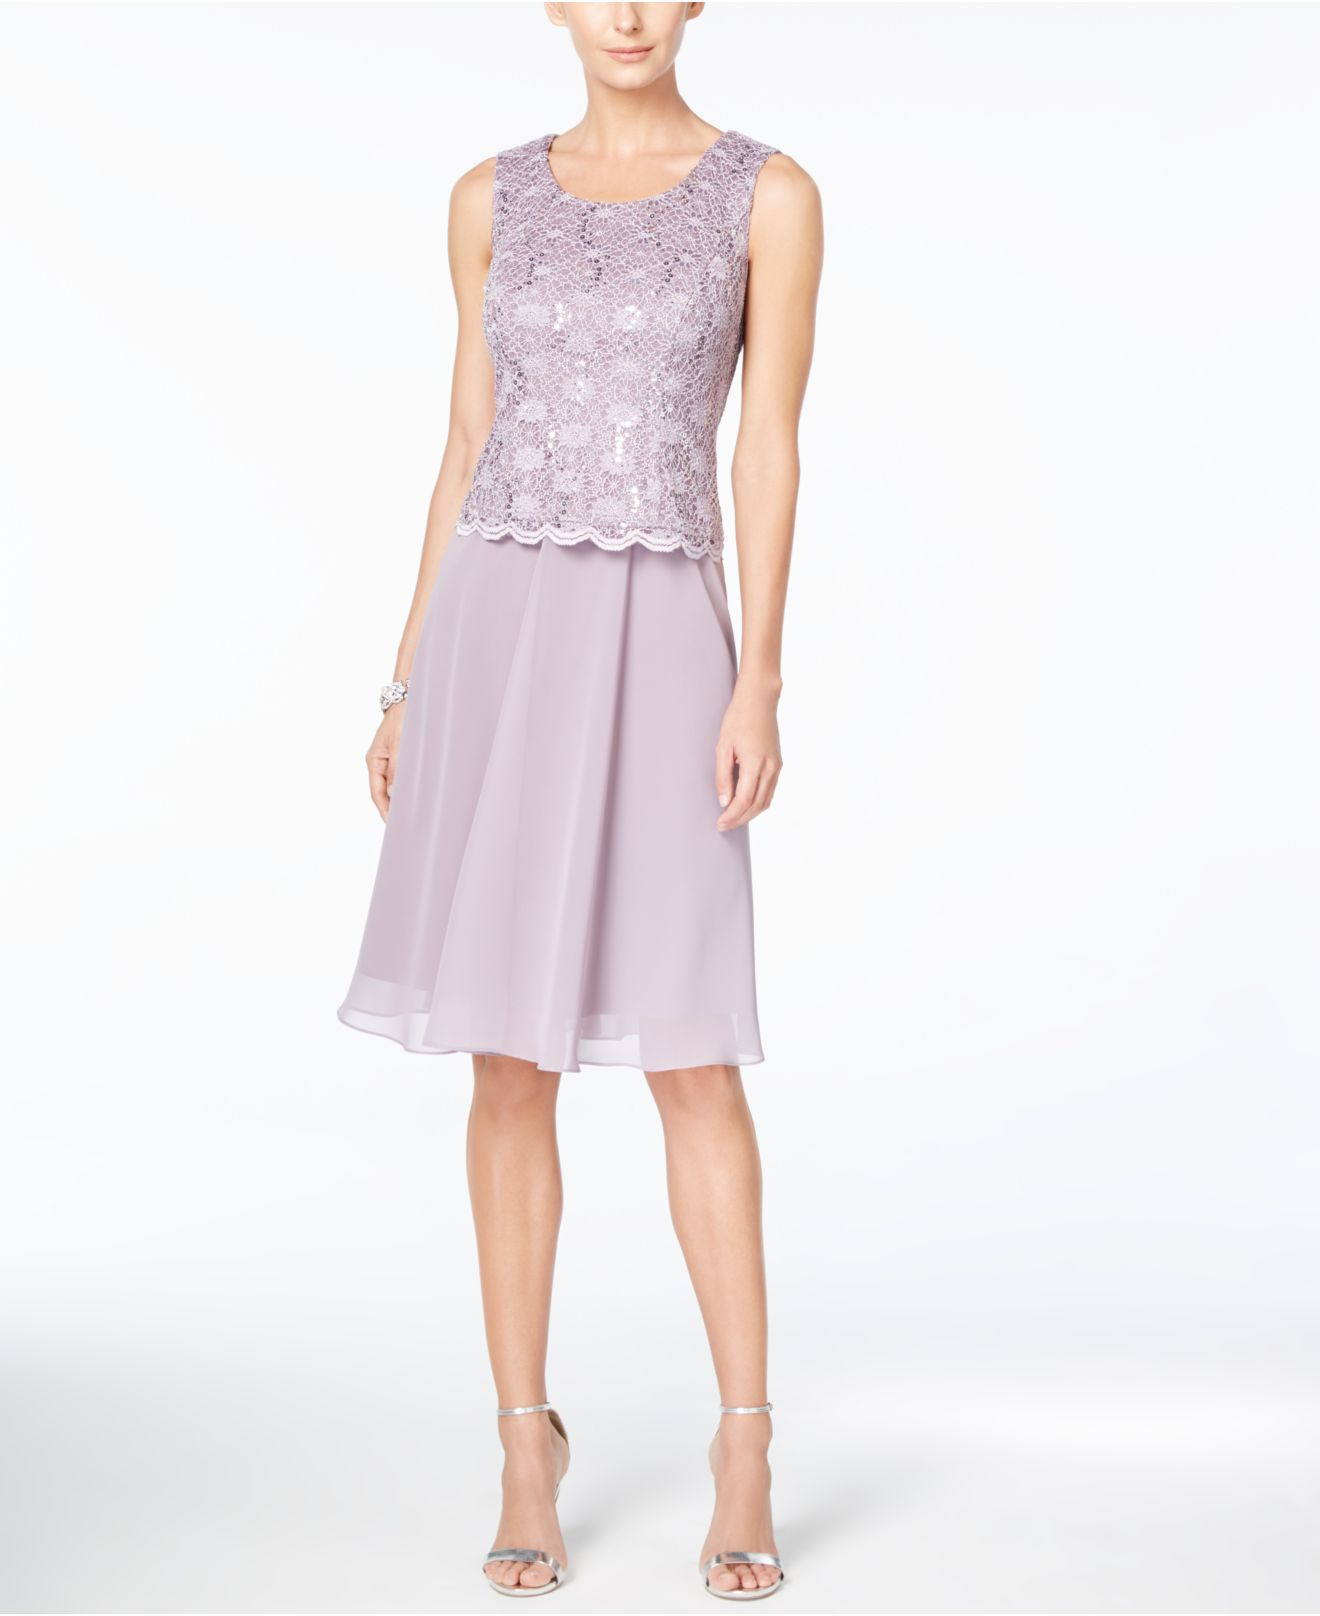 e455002dd5d Lyst - R   M Richards R m Richards Petite Sequin Lace Dress And ...